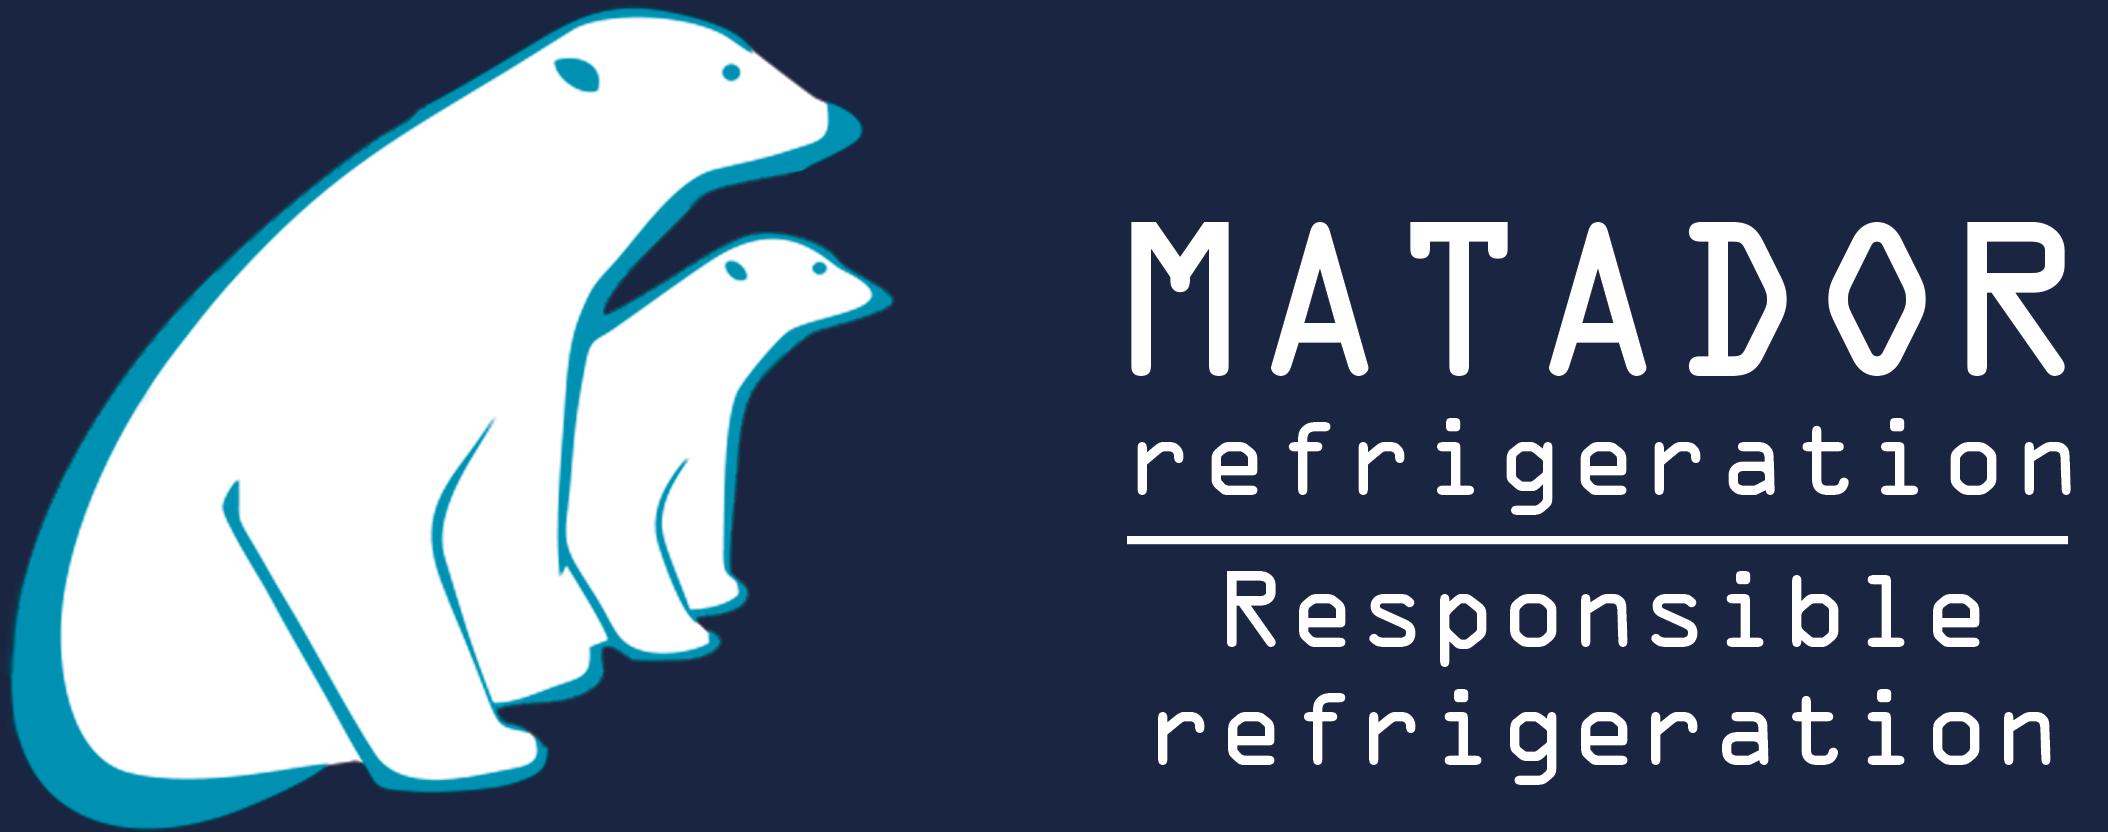 Matador Refrigeration